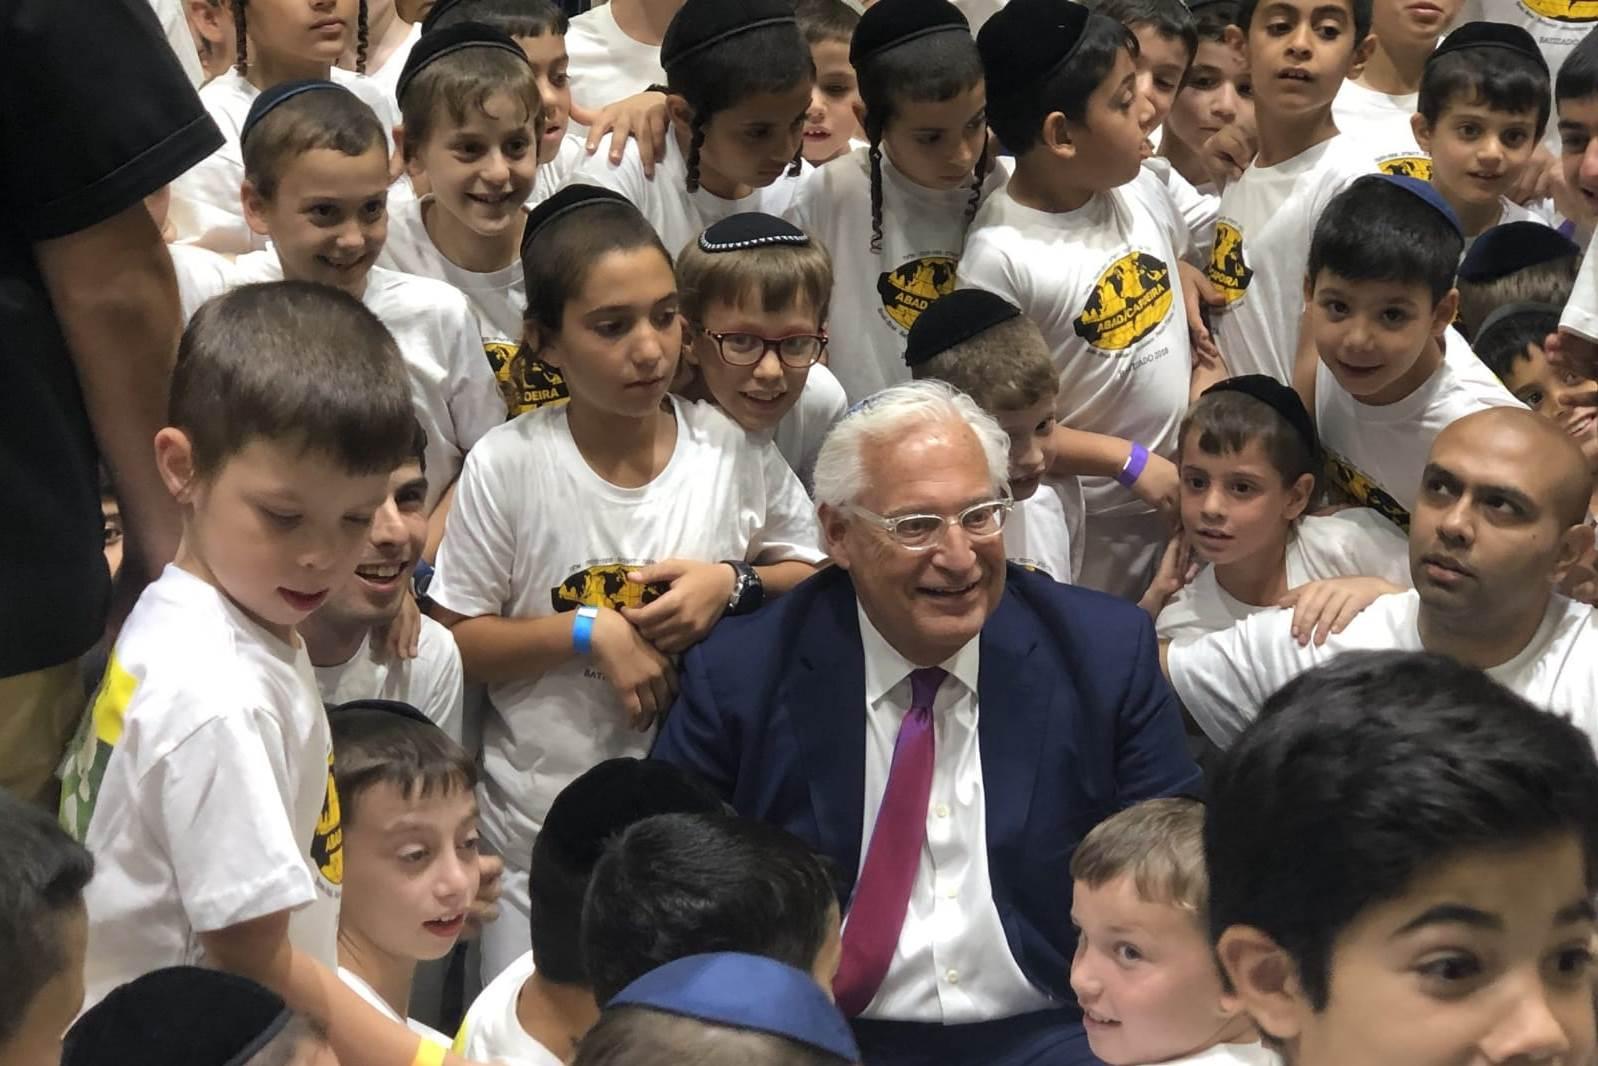 השגריר התיישב על הרצפה בין הילדים החרדים וביקש להצטלם